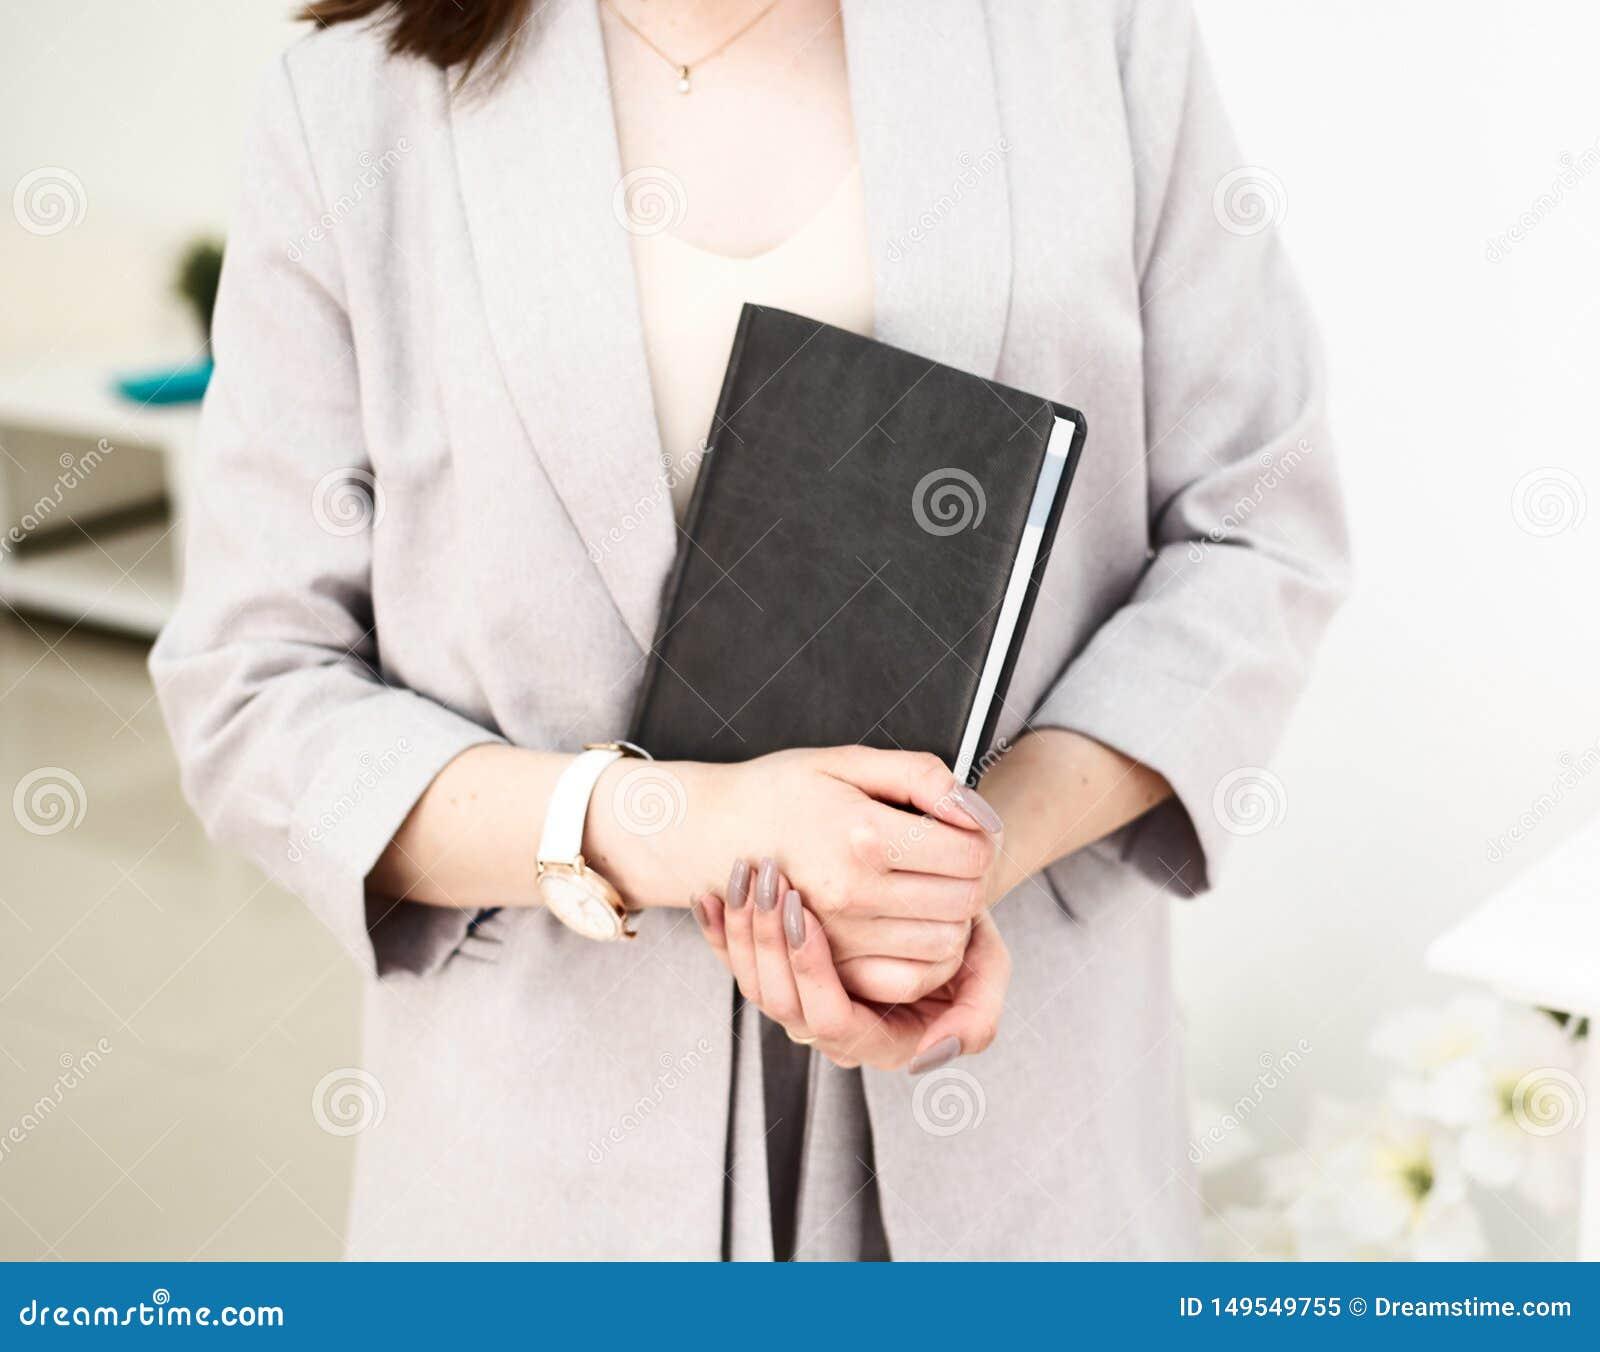 Het meisje overhandigt een boek in haar handen, gekleed in grijs jasje Zij heeft een polshorloge op haar hand Witte achtergrond